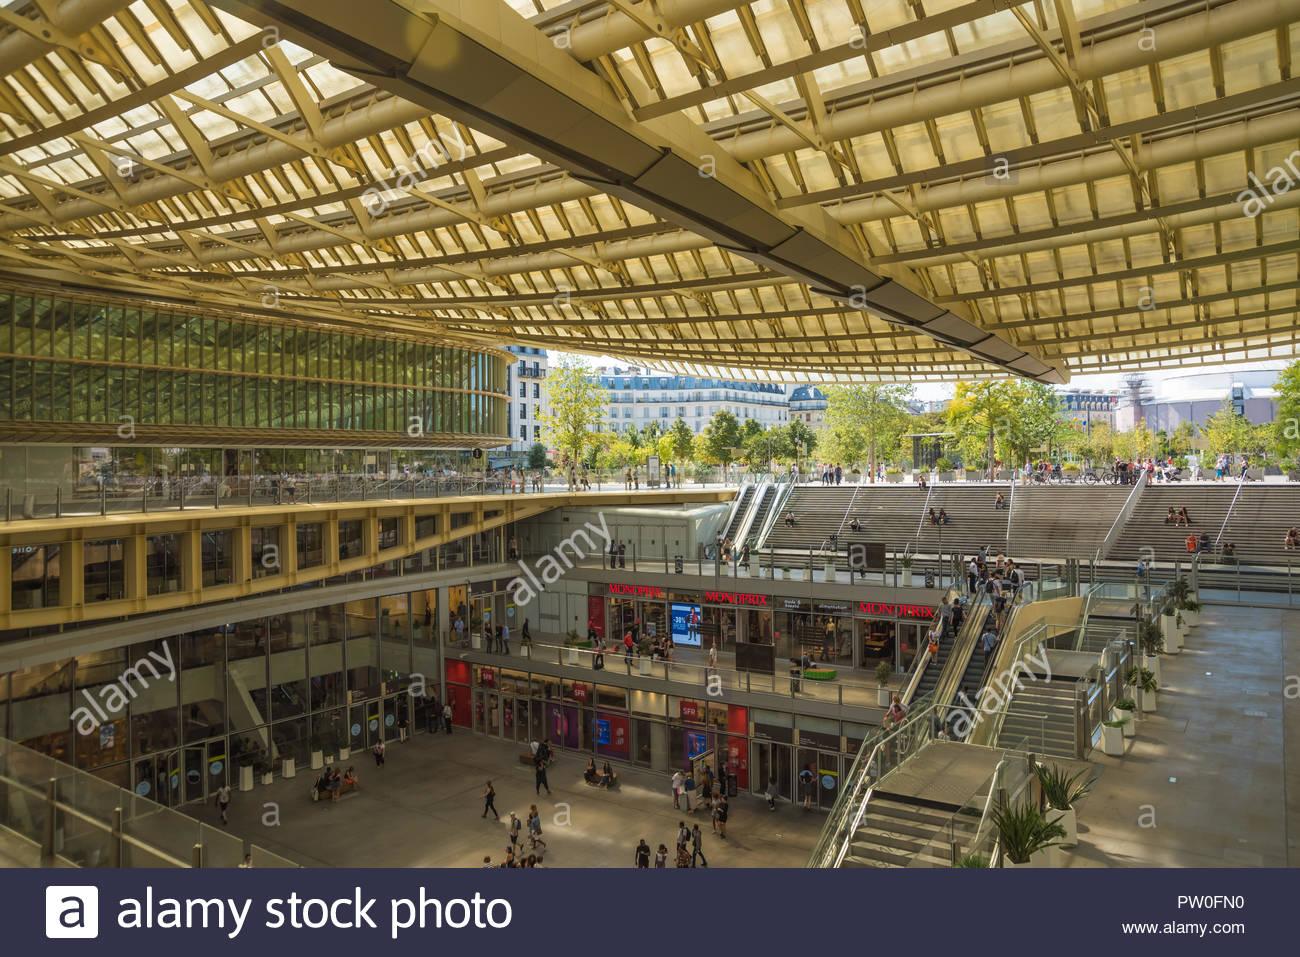 Paris, Les Halles, Canopee, Architekt Patrick Berger, 2008-2016 (Das canopee ist eine Struktur oberhalb des Bahnhofs Ch'Telet-Les-Halles und des Einka Stockbild